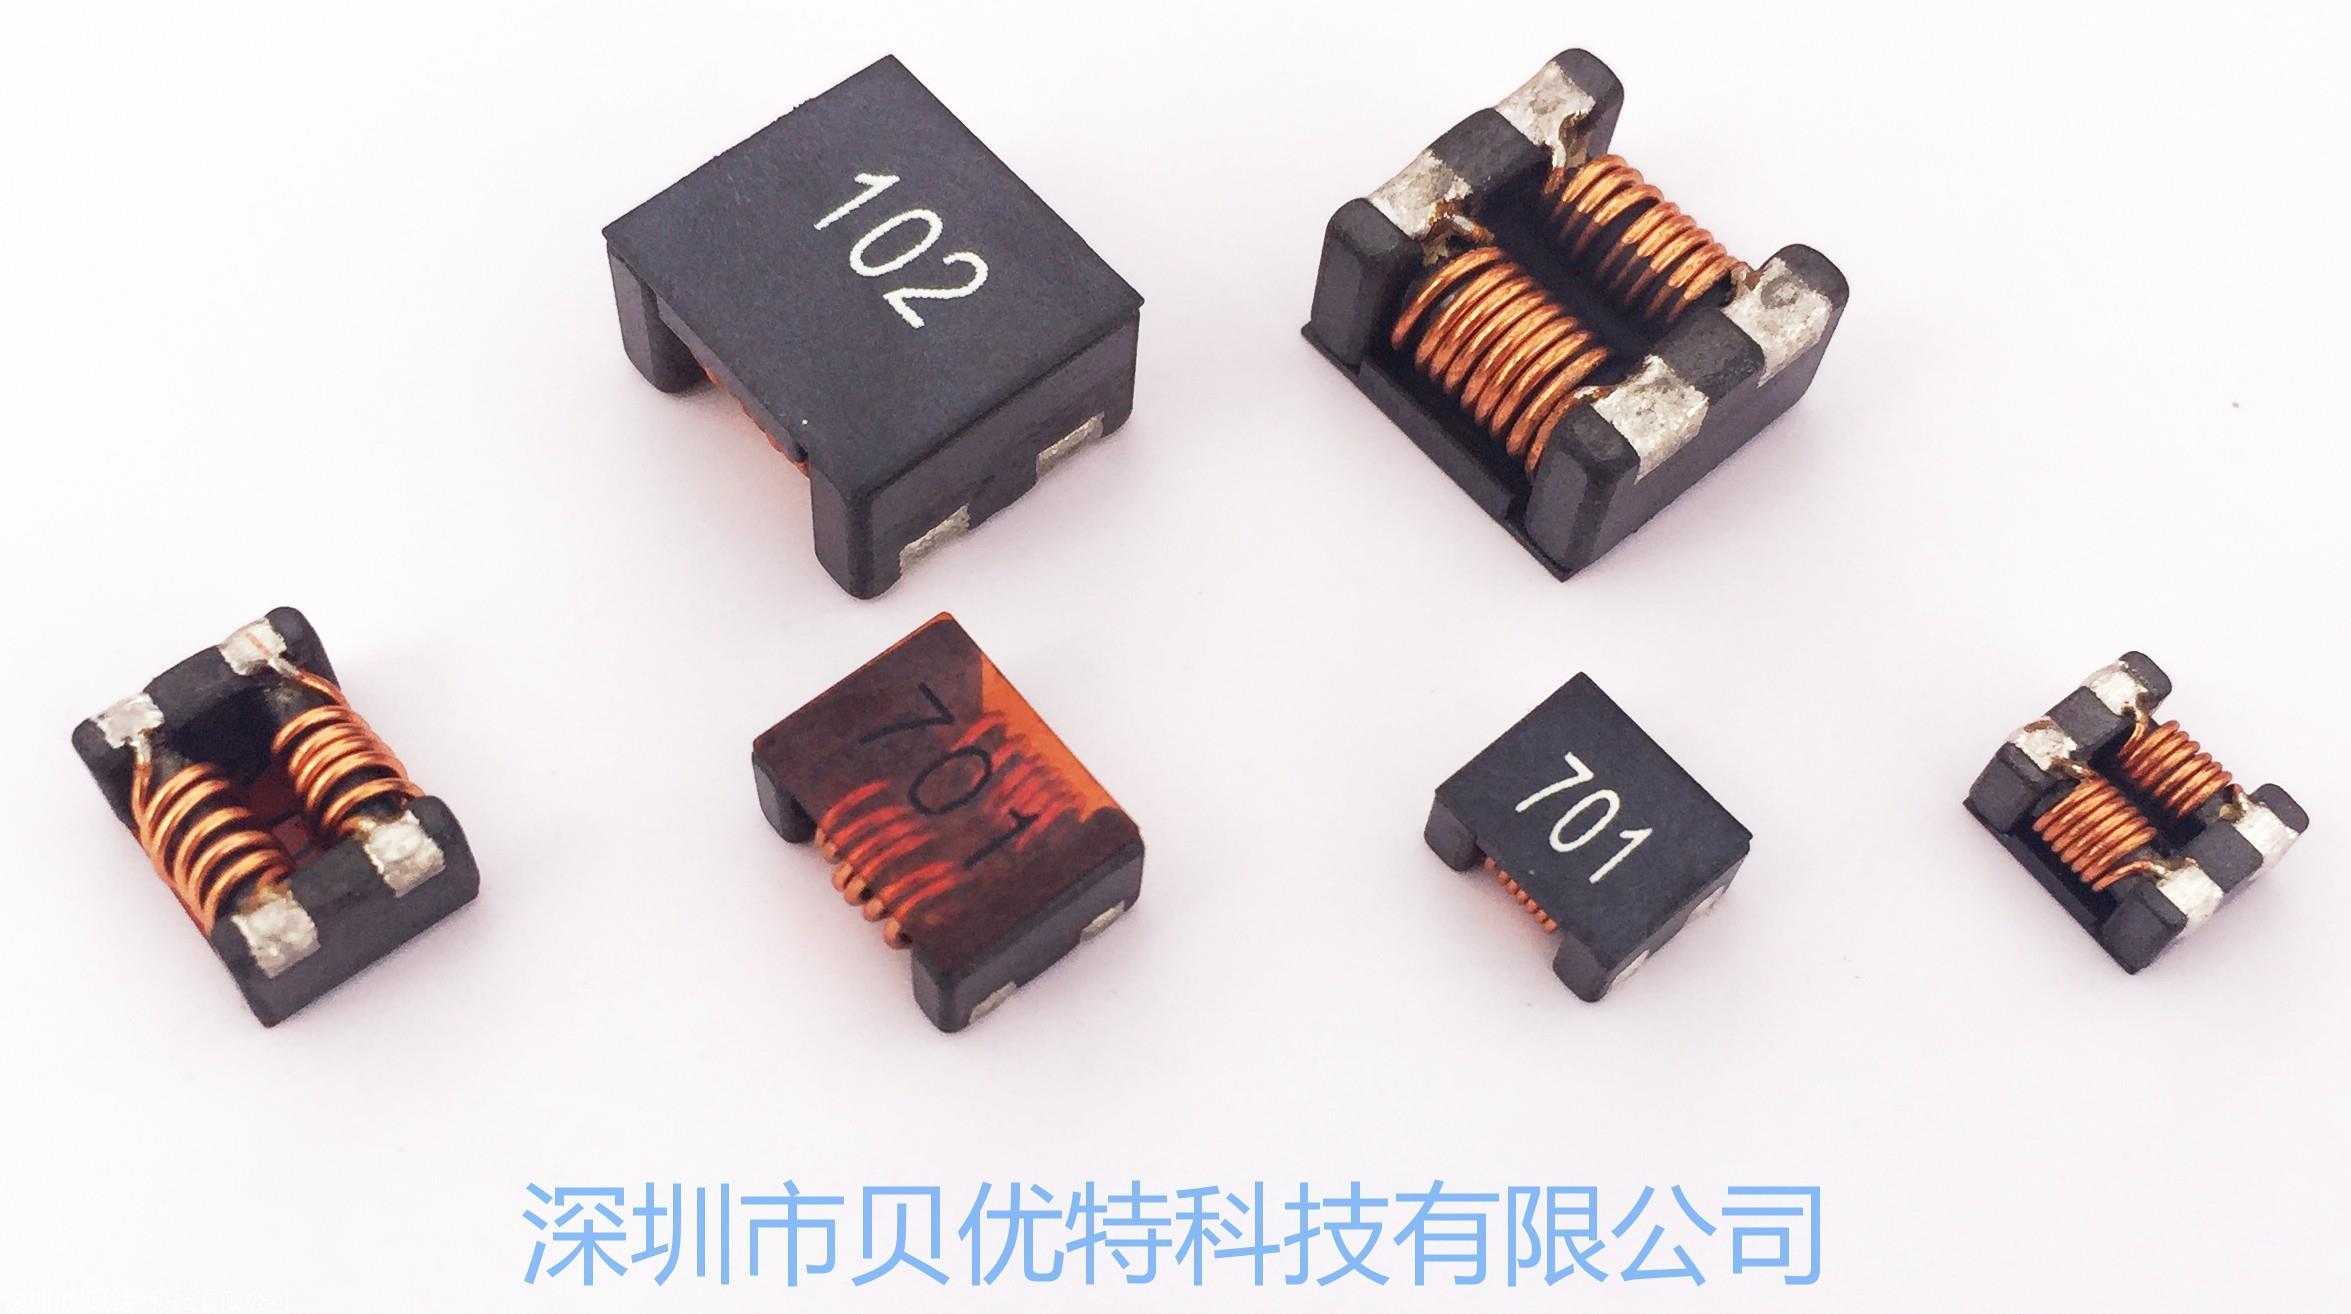 共模电感 屏蔽贴片共模电感BTRI5020-102-2PL磁胶共模功率电感